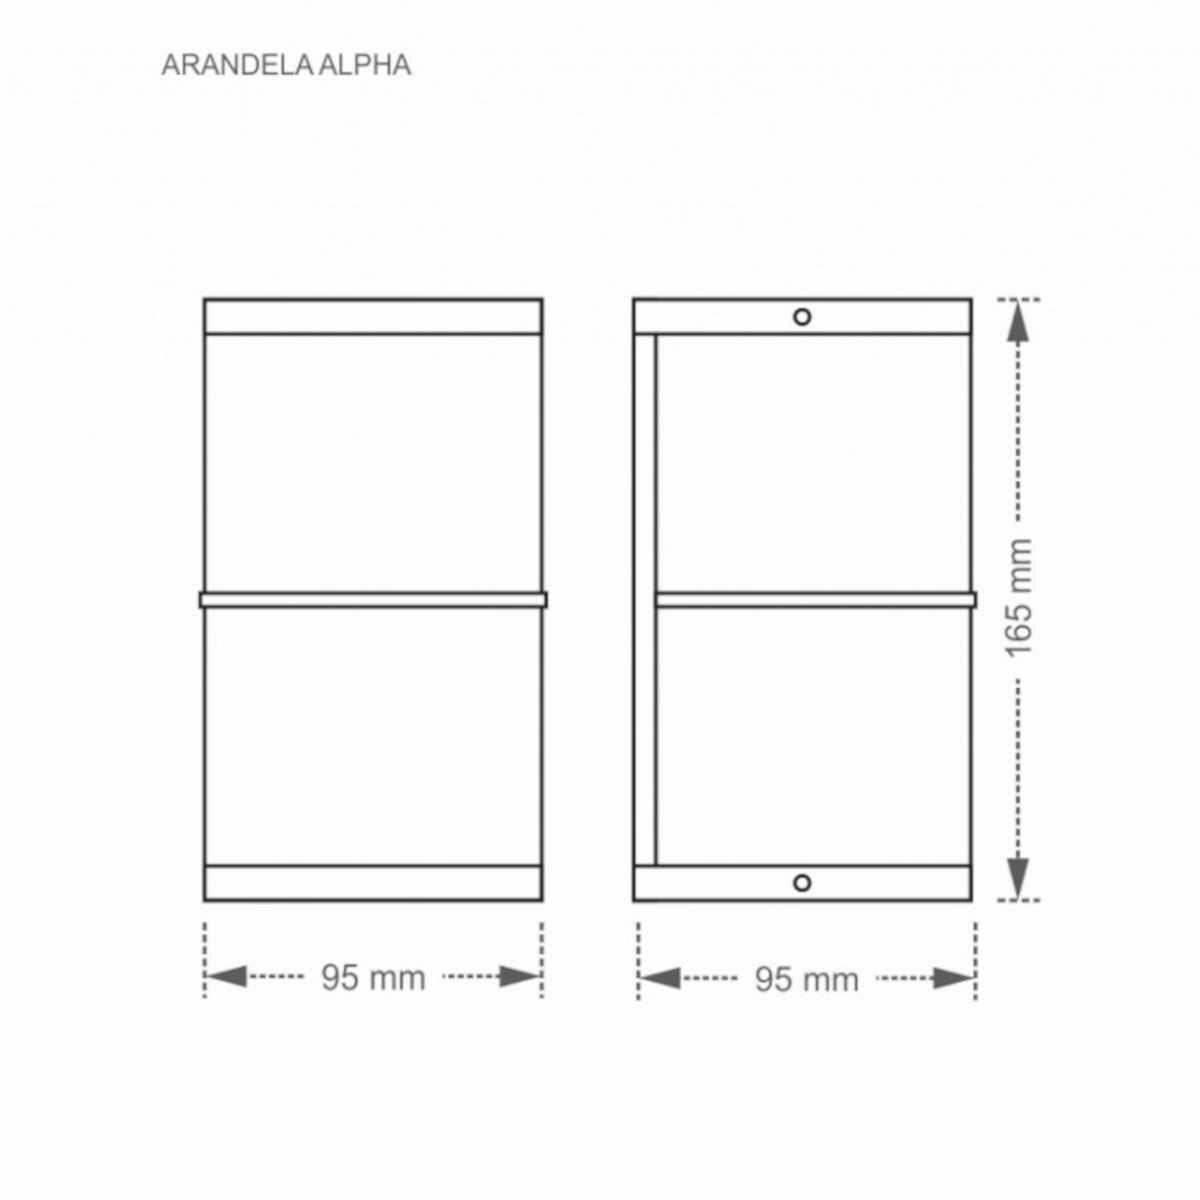 Luminária Arandela Alpha W1W G9 25W Branca Taschibra